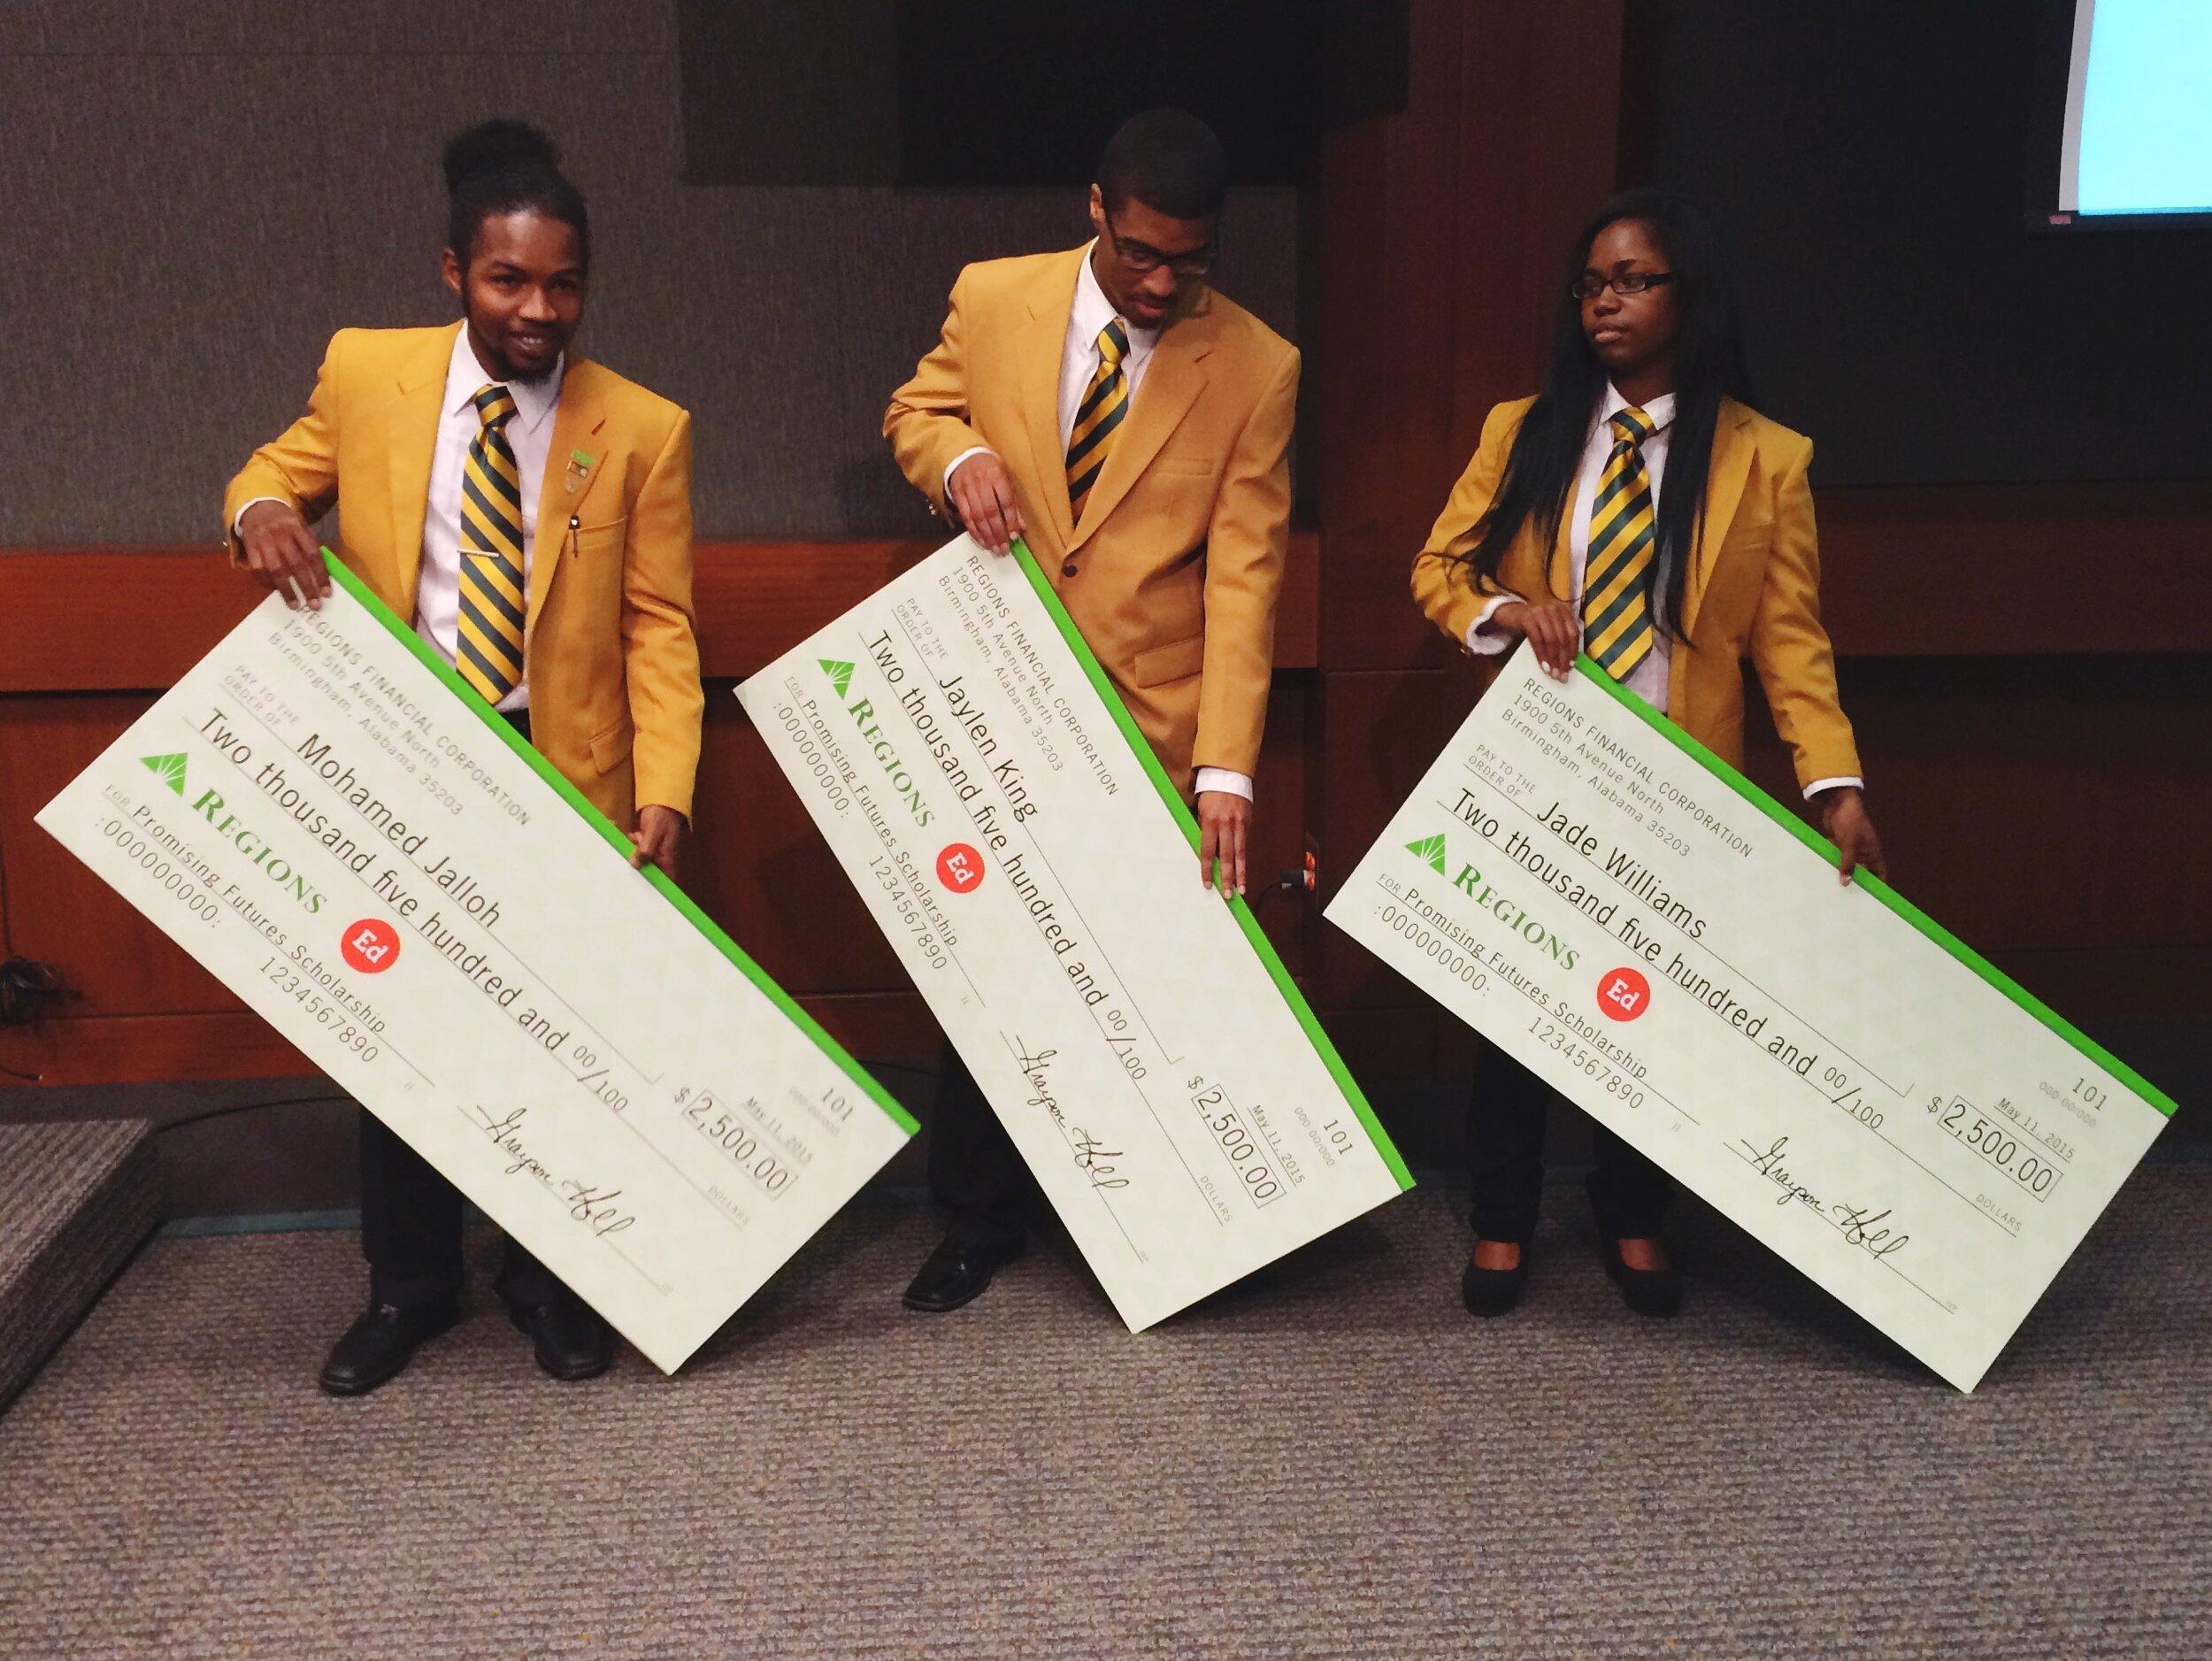 奖学金的机会. -教育部将向准备做进一步教育决定的高三学生颁发奖学金. 每个大四学生都将被邀请申请并在他们大四的课程中获得这些奖项.